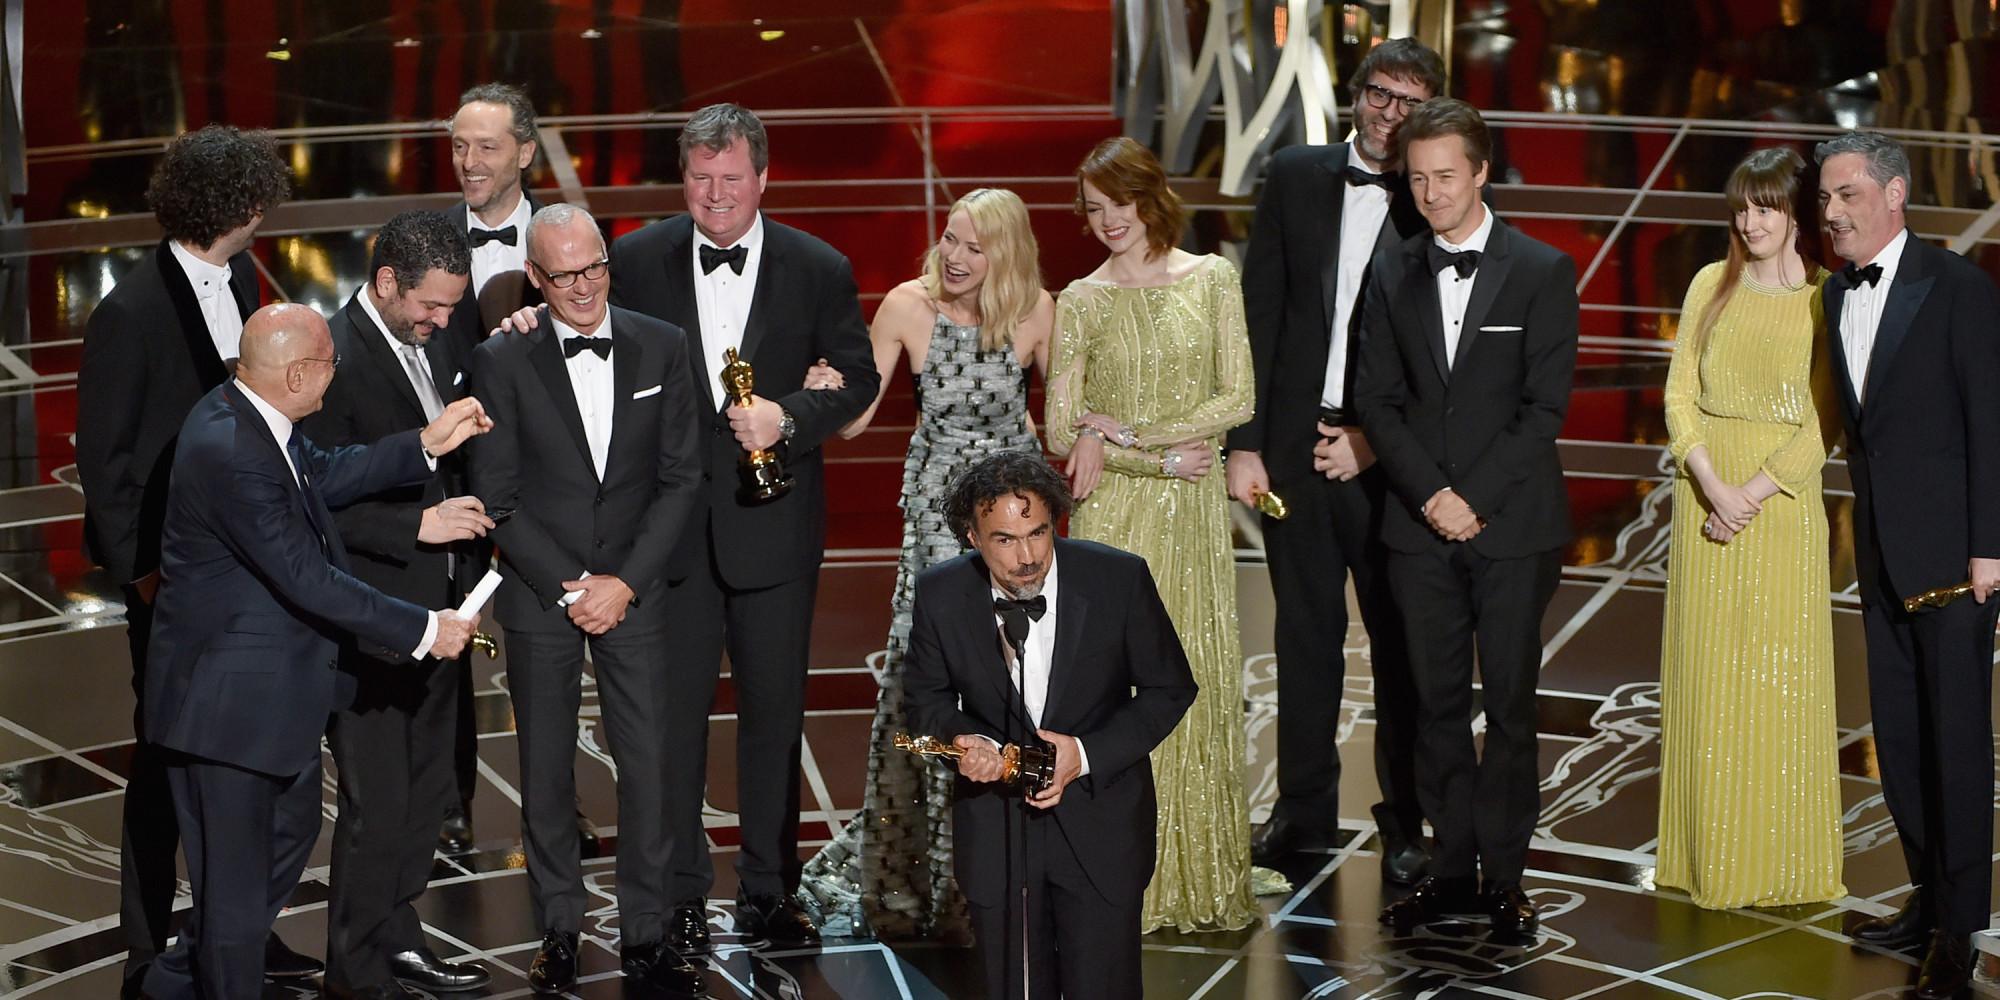 Oscar Winners List For 2015 Includes 'Birdman,' Julianne